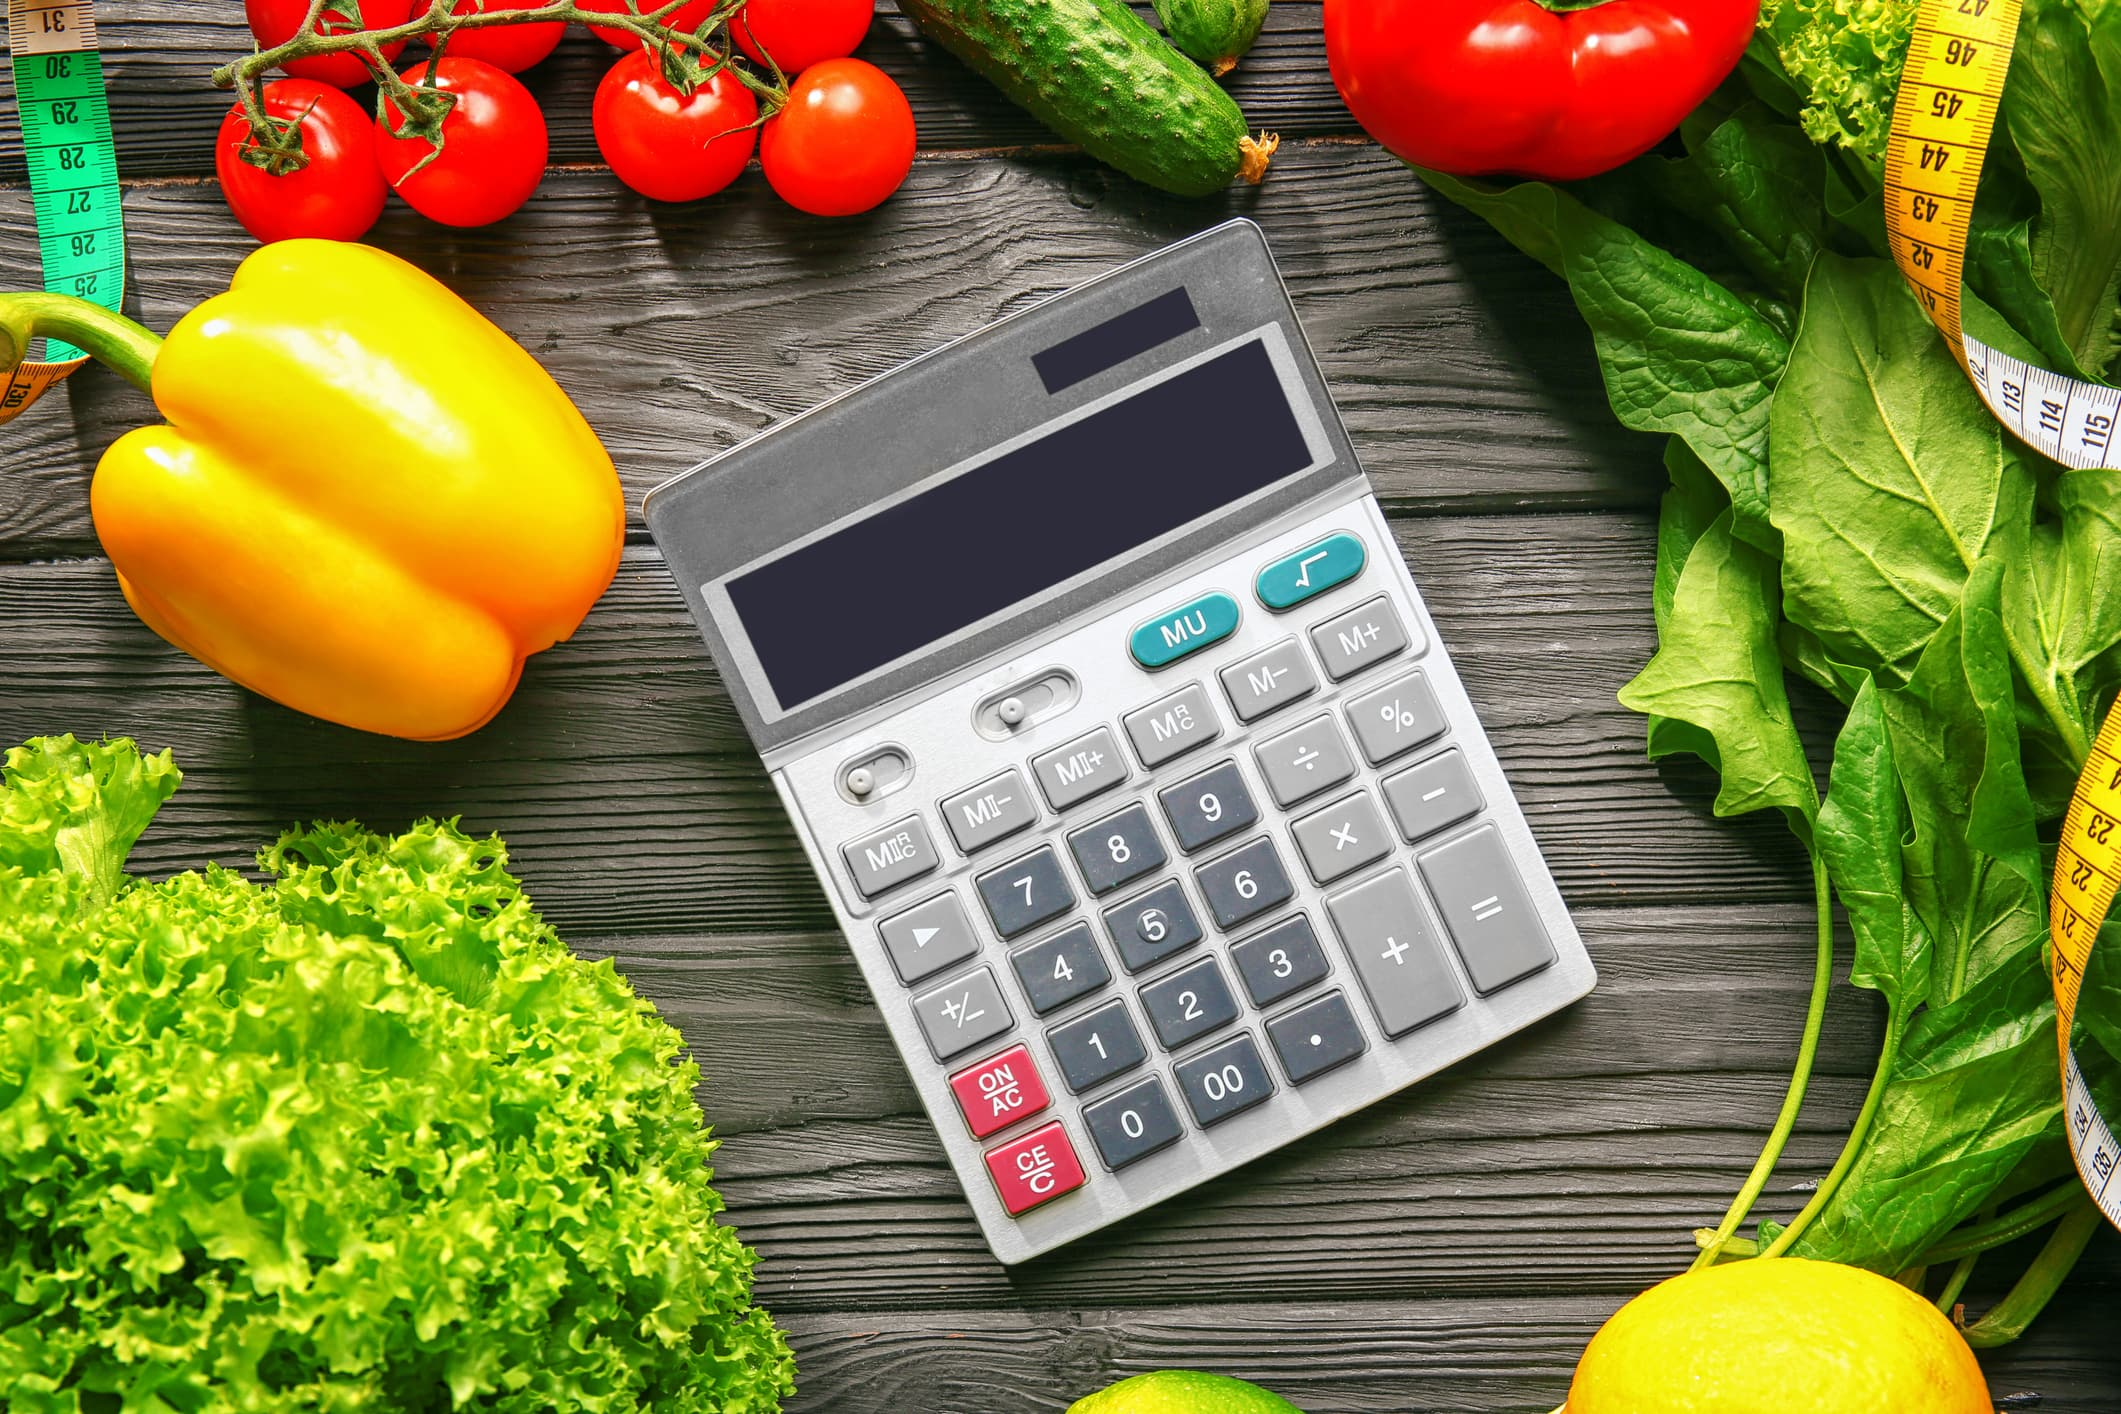 Taschenrechner liegt zwischen Gemüse